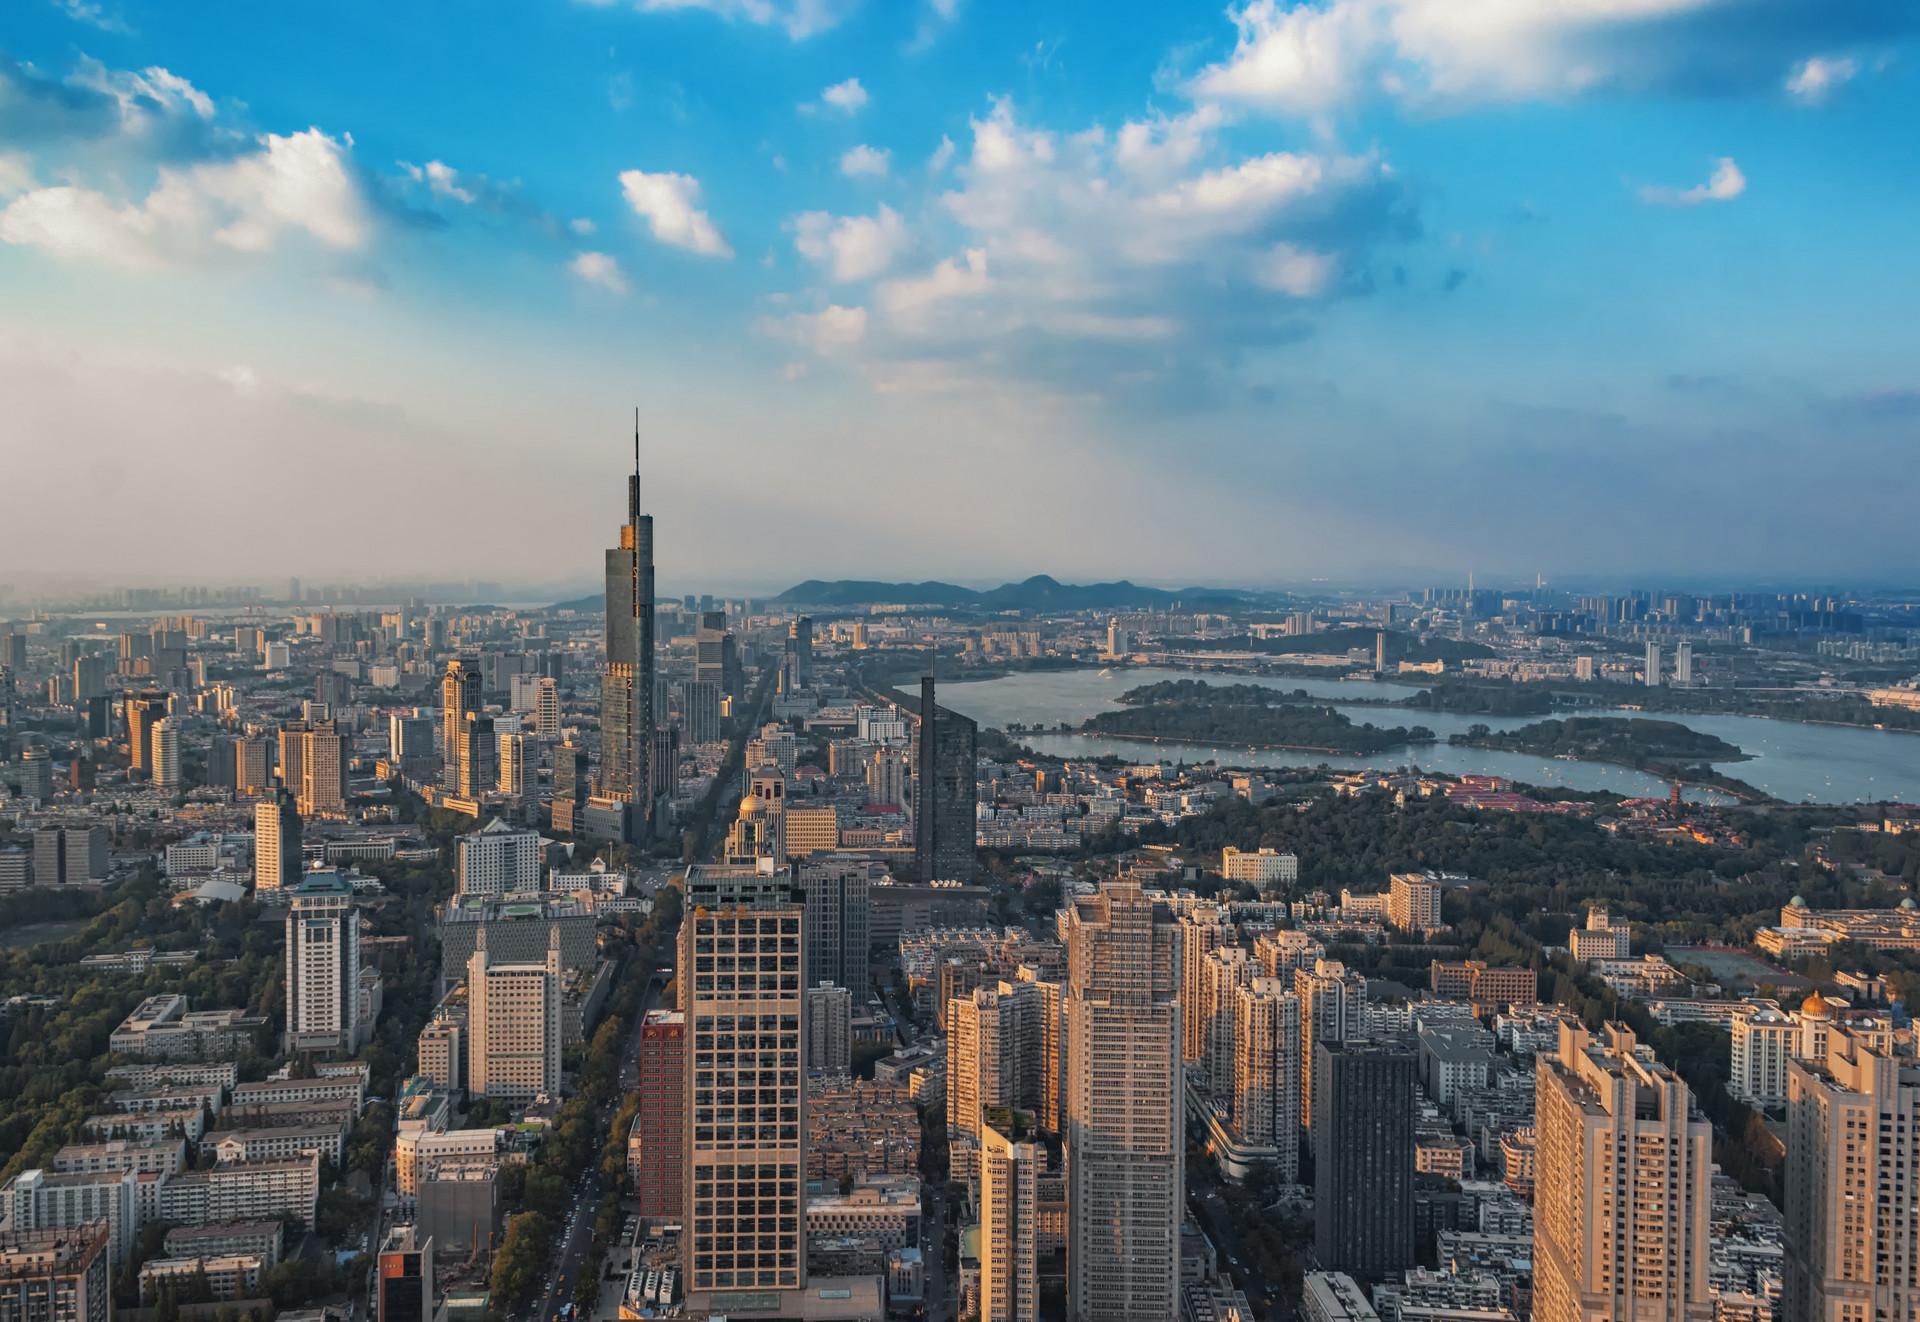 南京美食排行榜前十_老门东再登央视,推荐了南京这些美食丨南京城市早报20201005